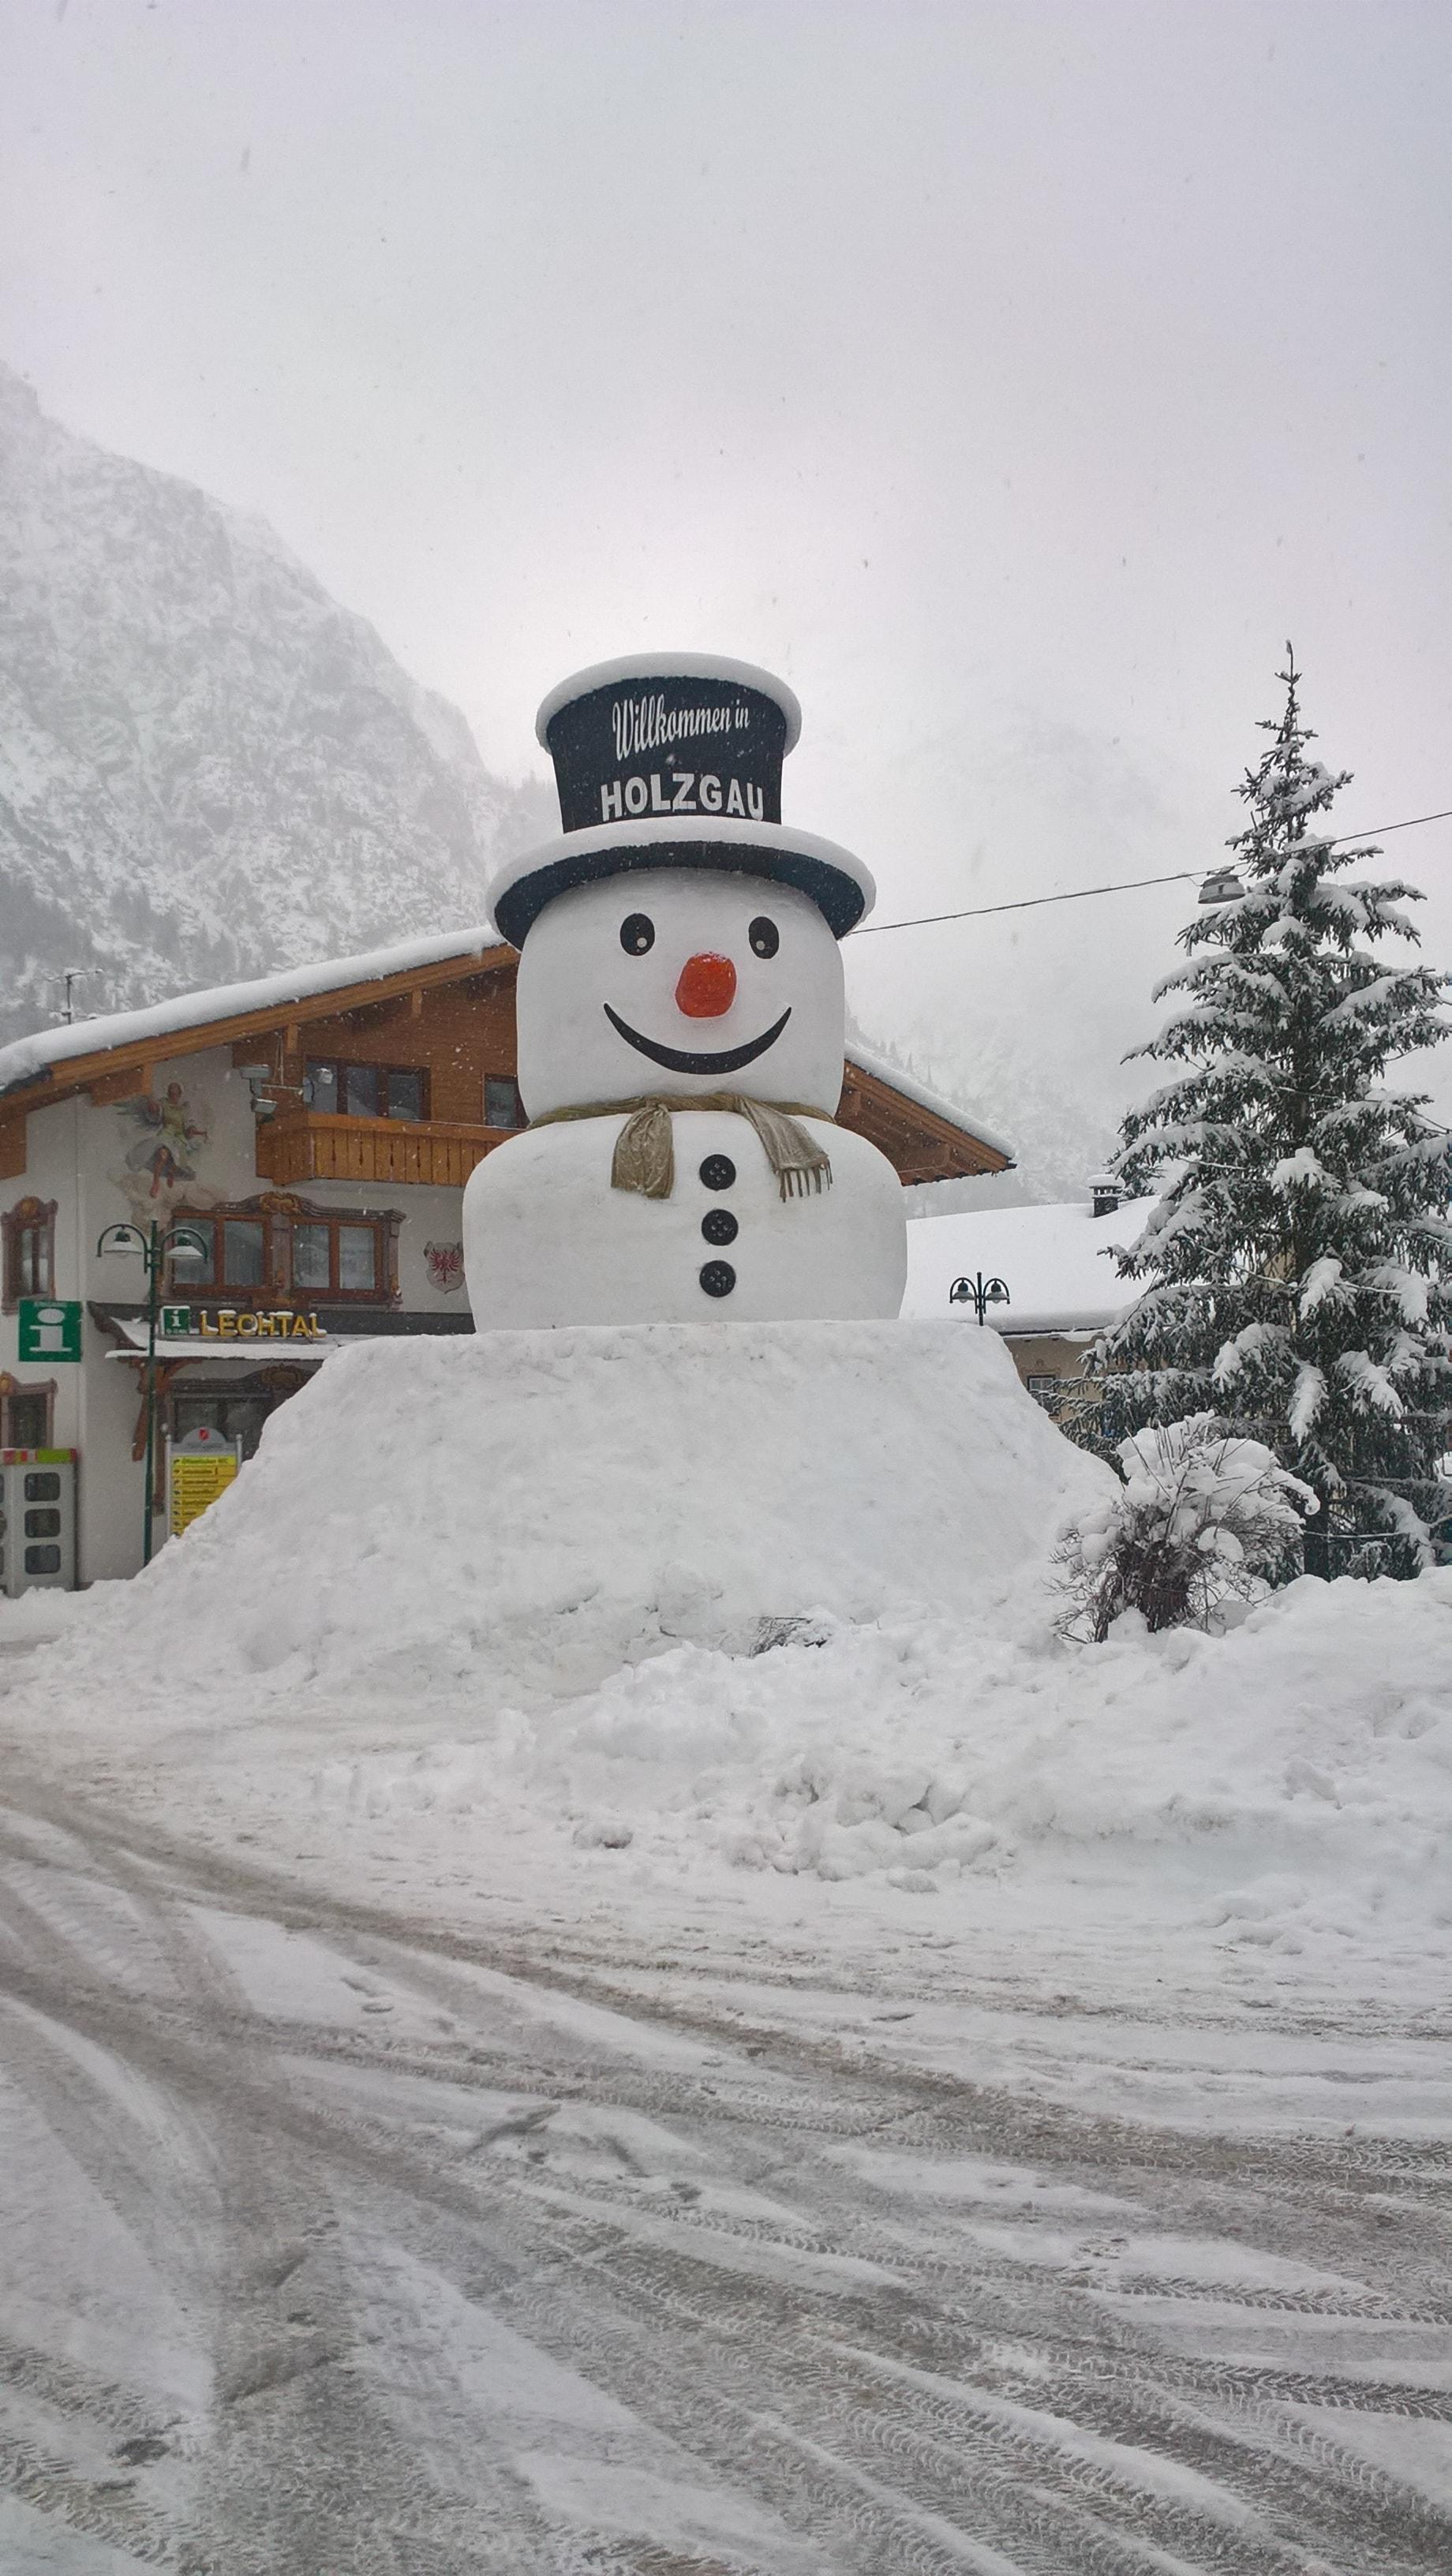 Der große Schneemann in Holzgau kurz vor Schluss der letzten Kugel.